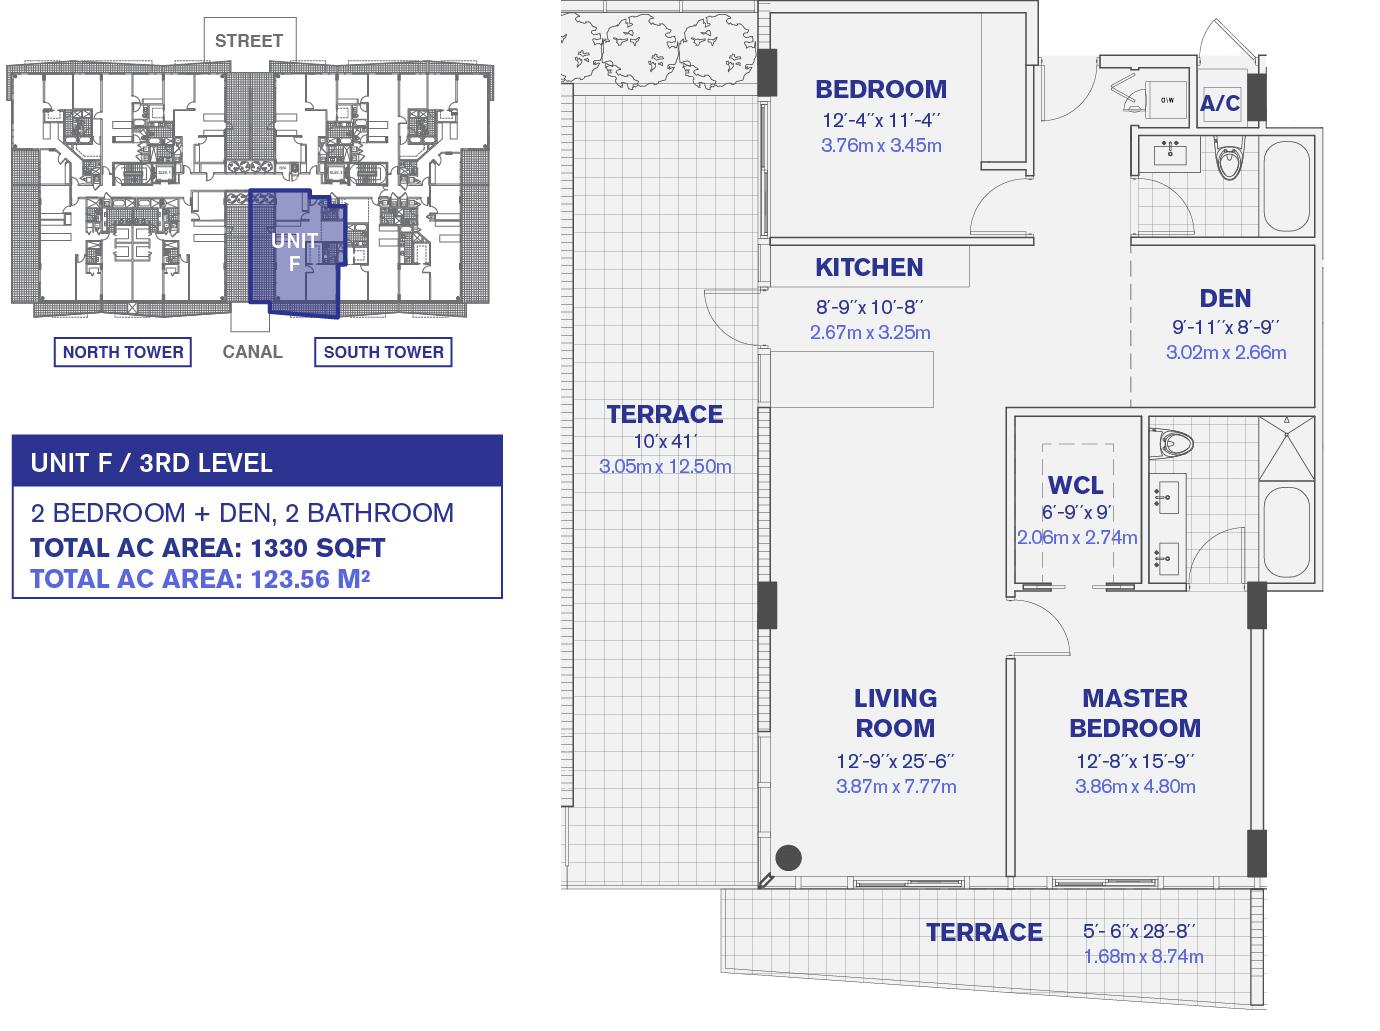 03 f 2 bedroom den floorplan new build homes for 2 bedroom with den